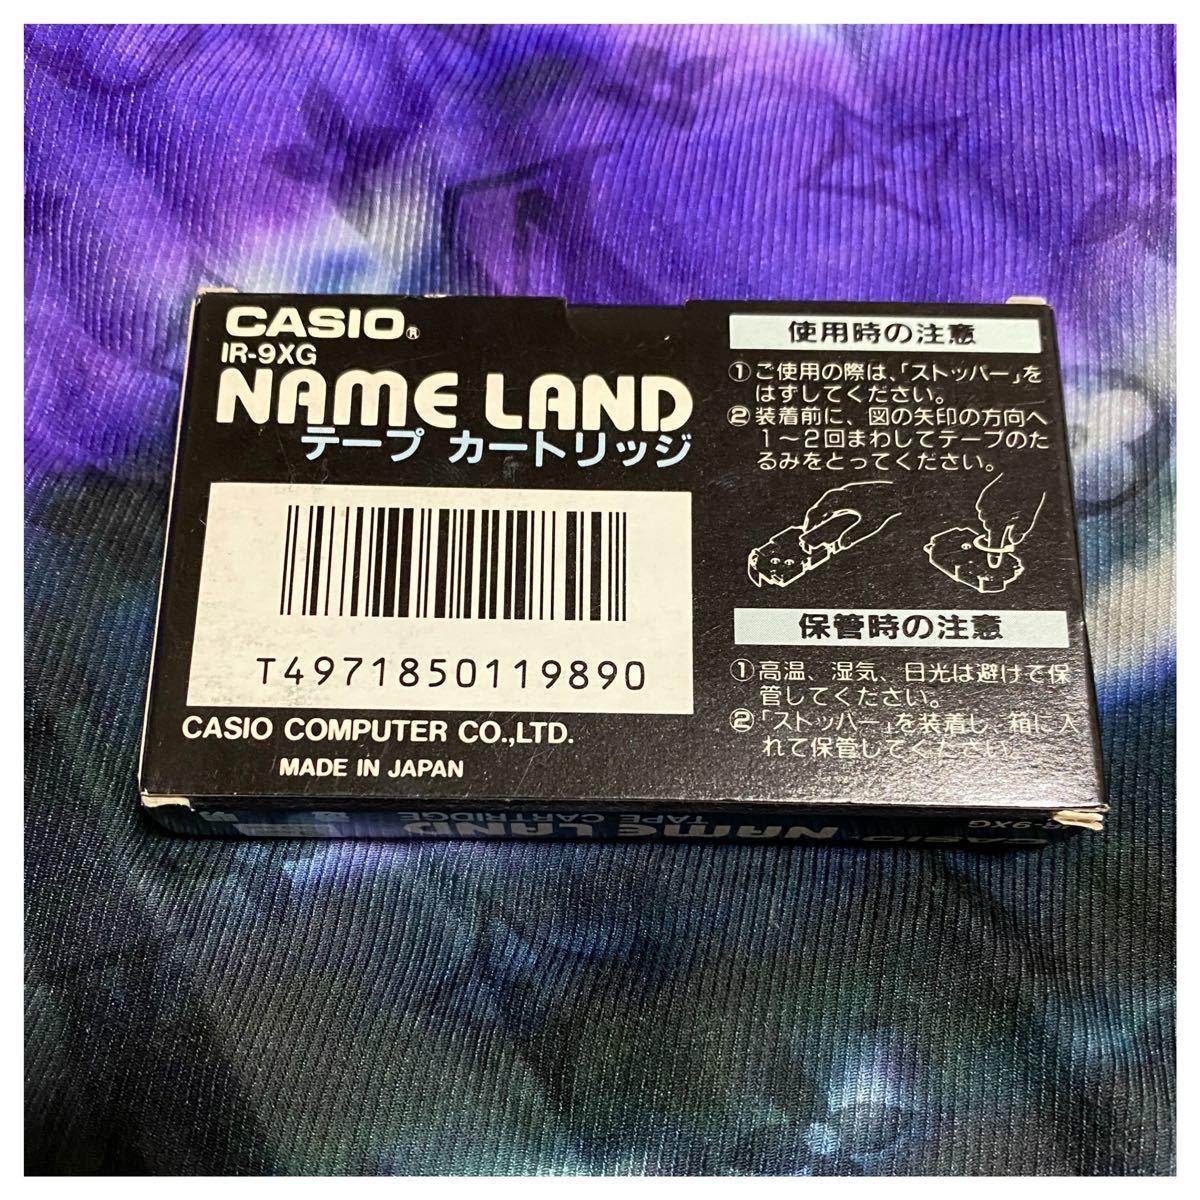 CASIO純正 ネームランド 透明×ゴールド色 カートリッジ テープ 9mm カシオネームランドテープ